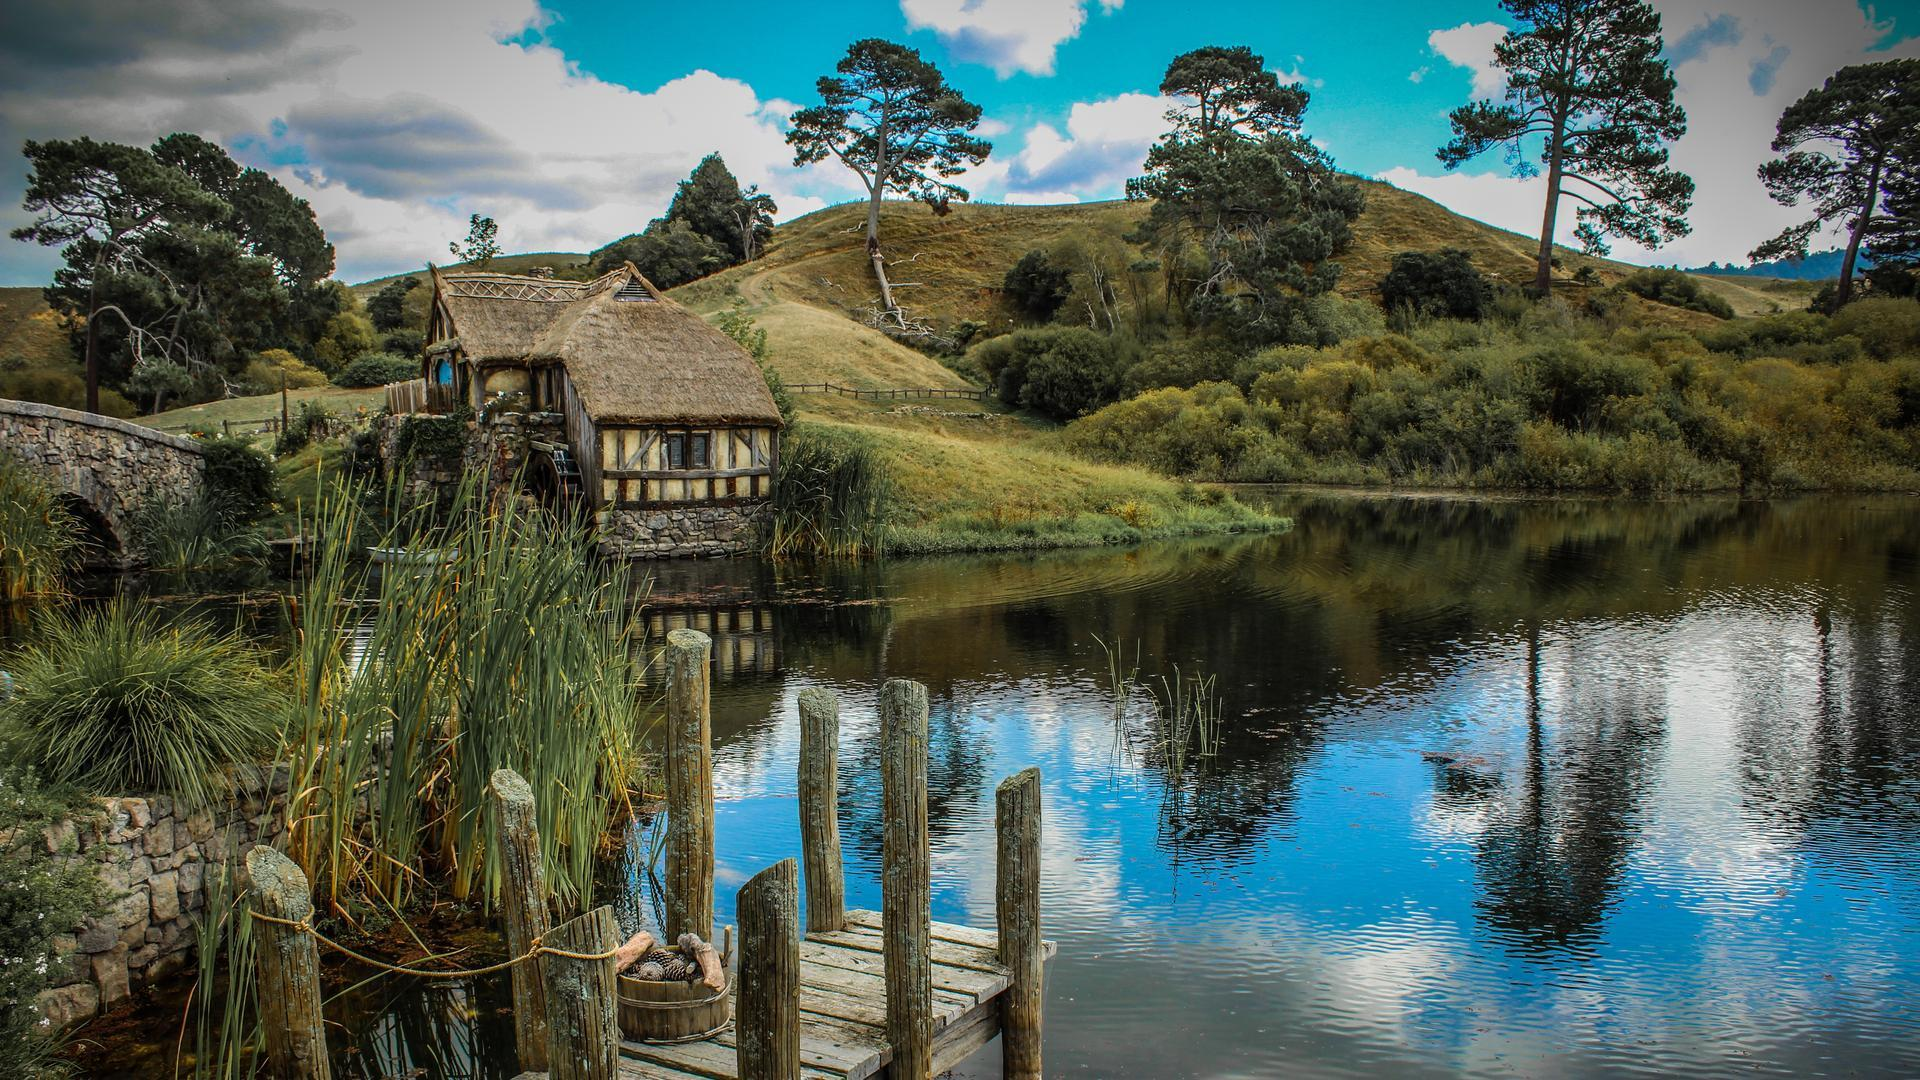 1920x1080 cabin lake ducks - photo #18